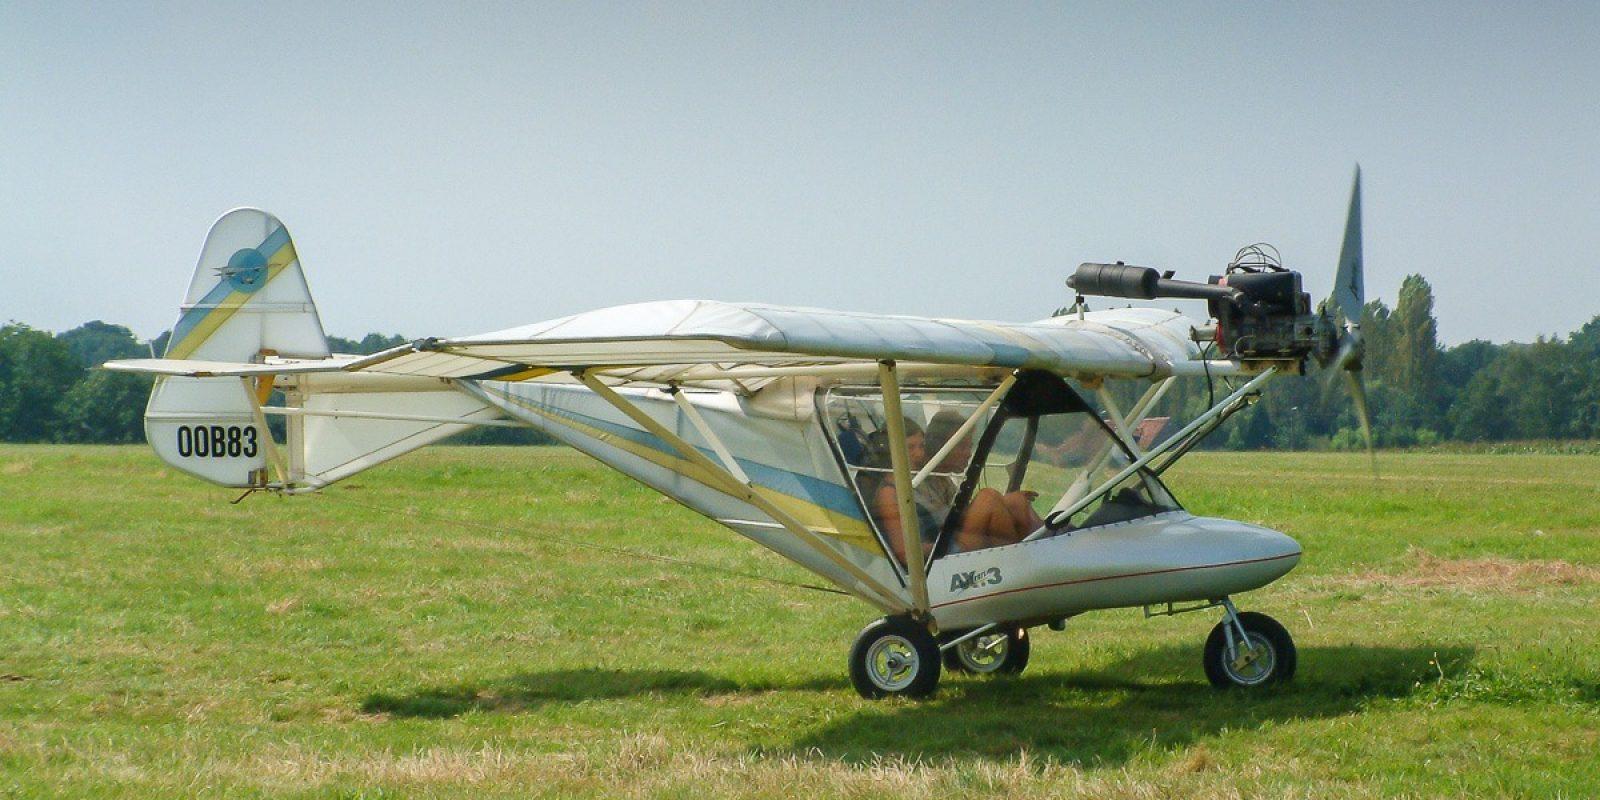 'Traditionele' ULMs en DPMs verdwijnen meer en meer van onze velden. Vliegen met zo'n 'luchtscooter' is nochtans 'dé max' maar piloten verkiezen snelheid en comfort. Weedhopper AX3 gefotografeerd in Schaffen tijdens de Fly In op 17 augustus 2002. (Foto Tom Brinkman)